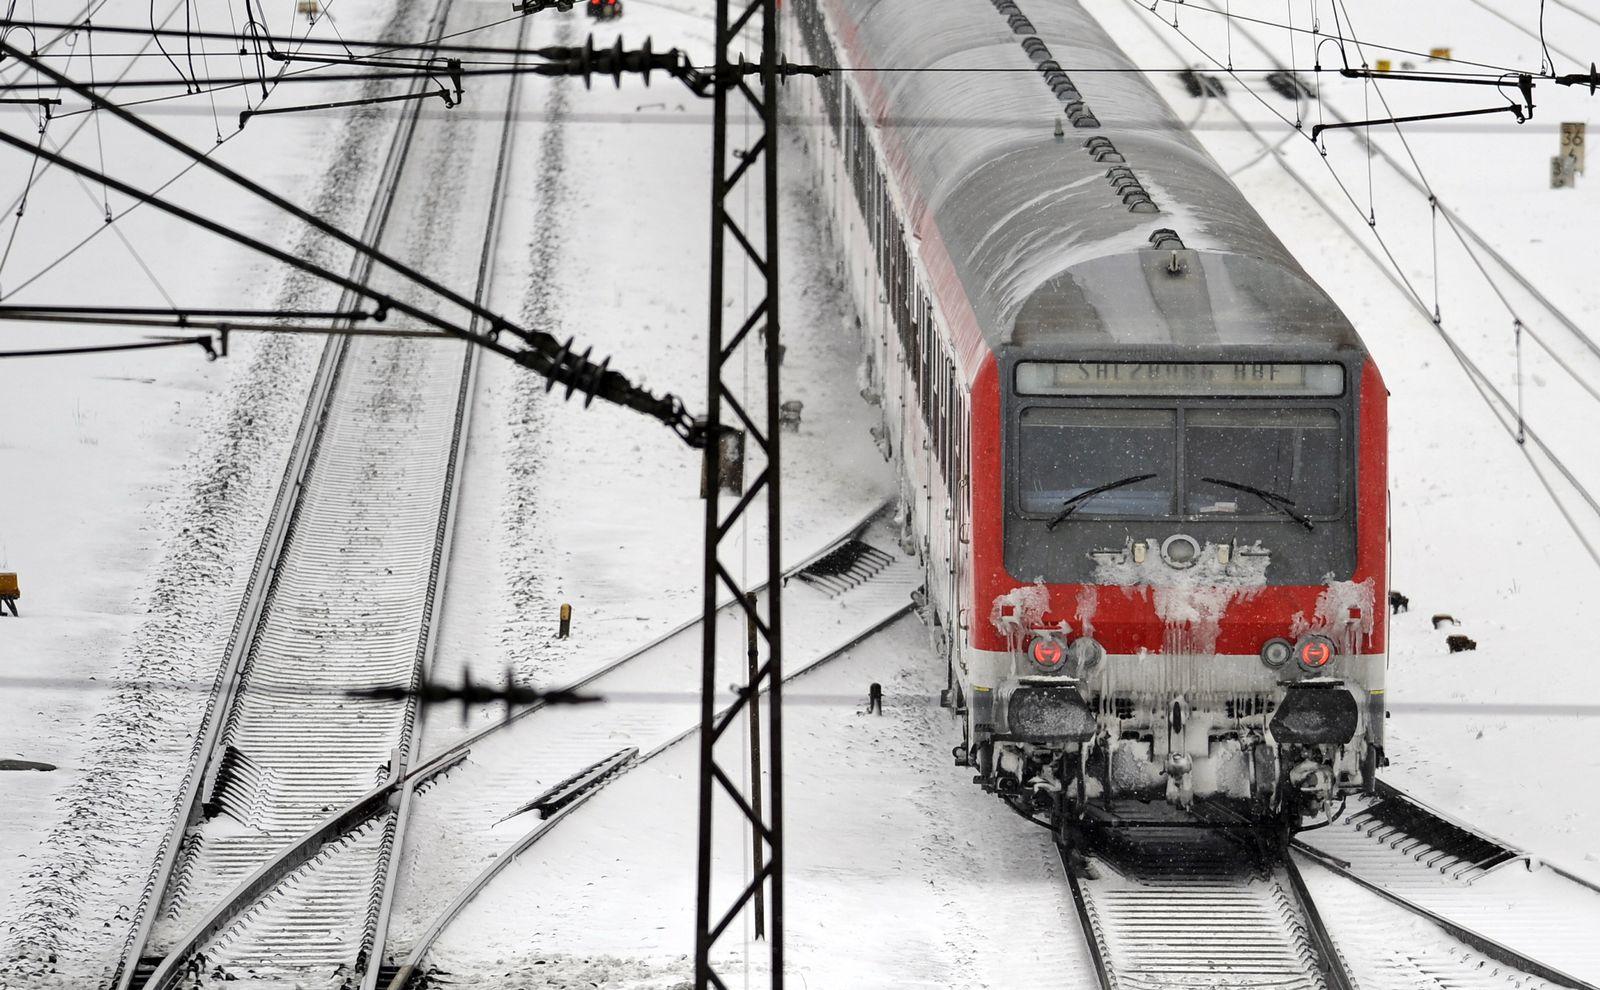 NICHT VERWENDEN Bahn/Winter/Verkehr